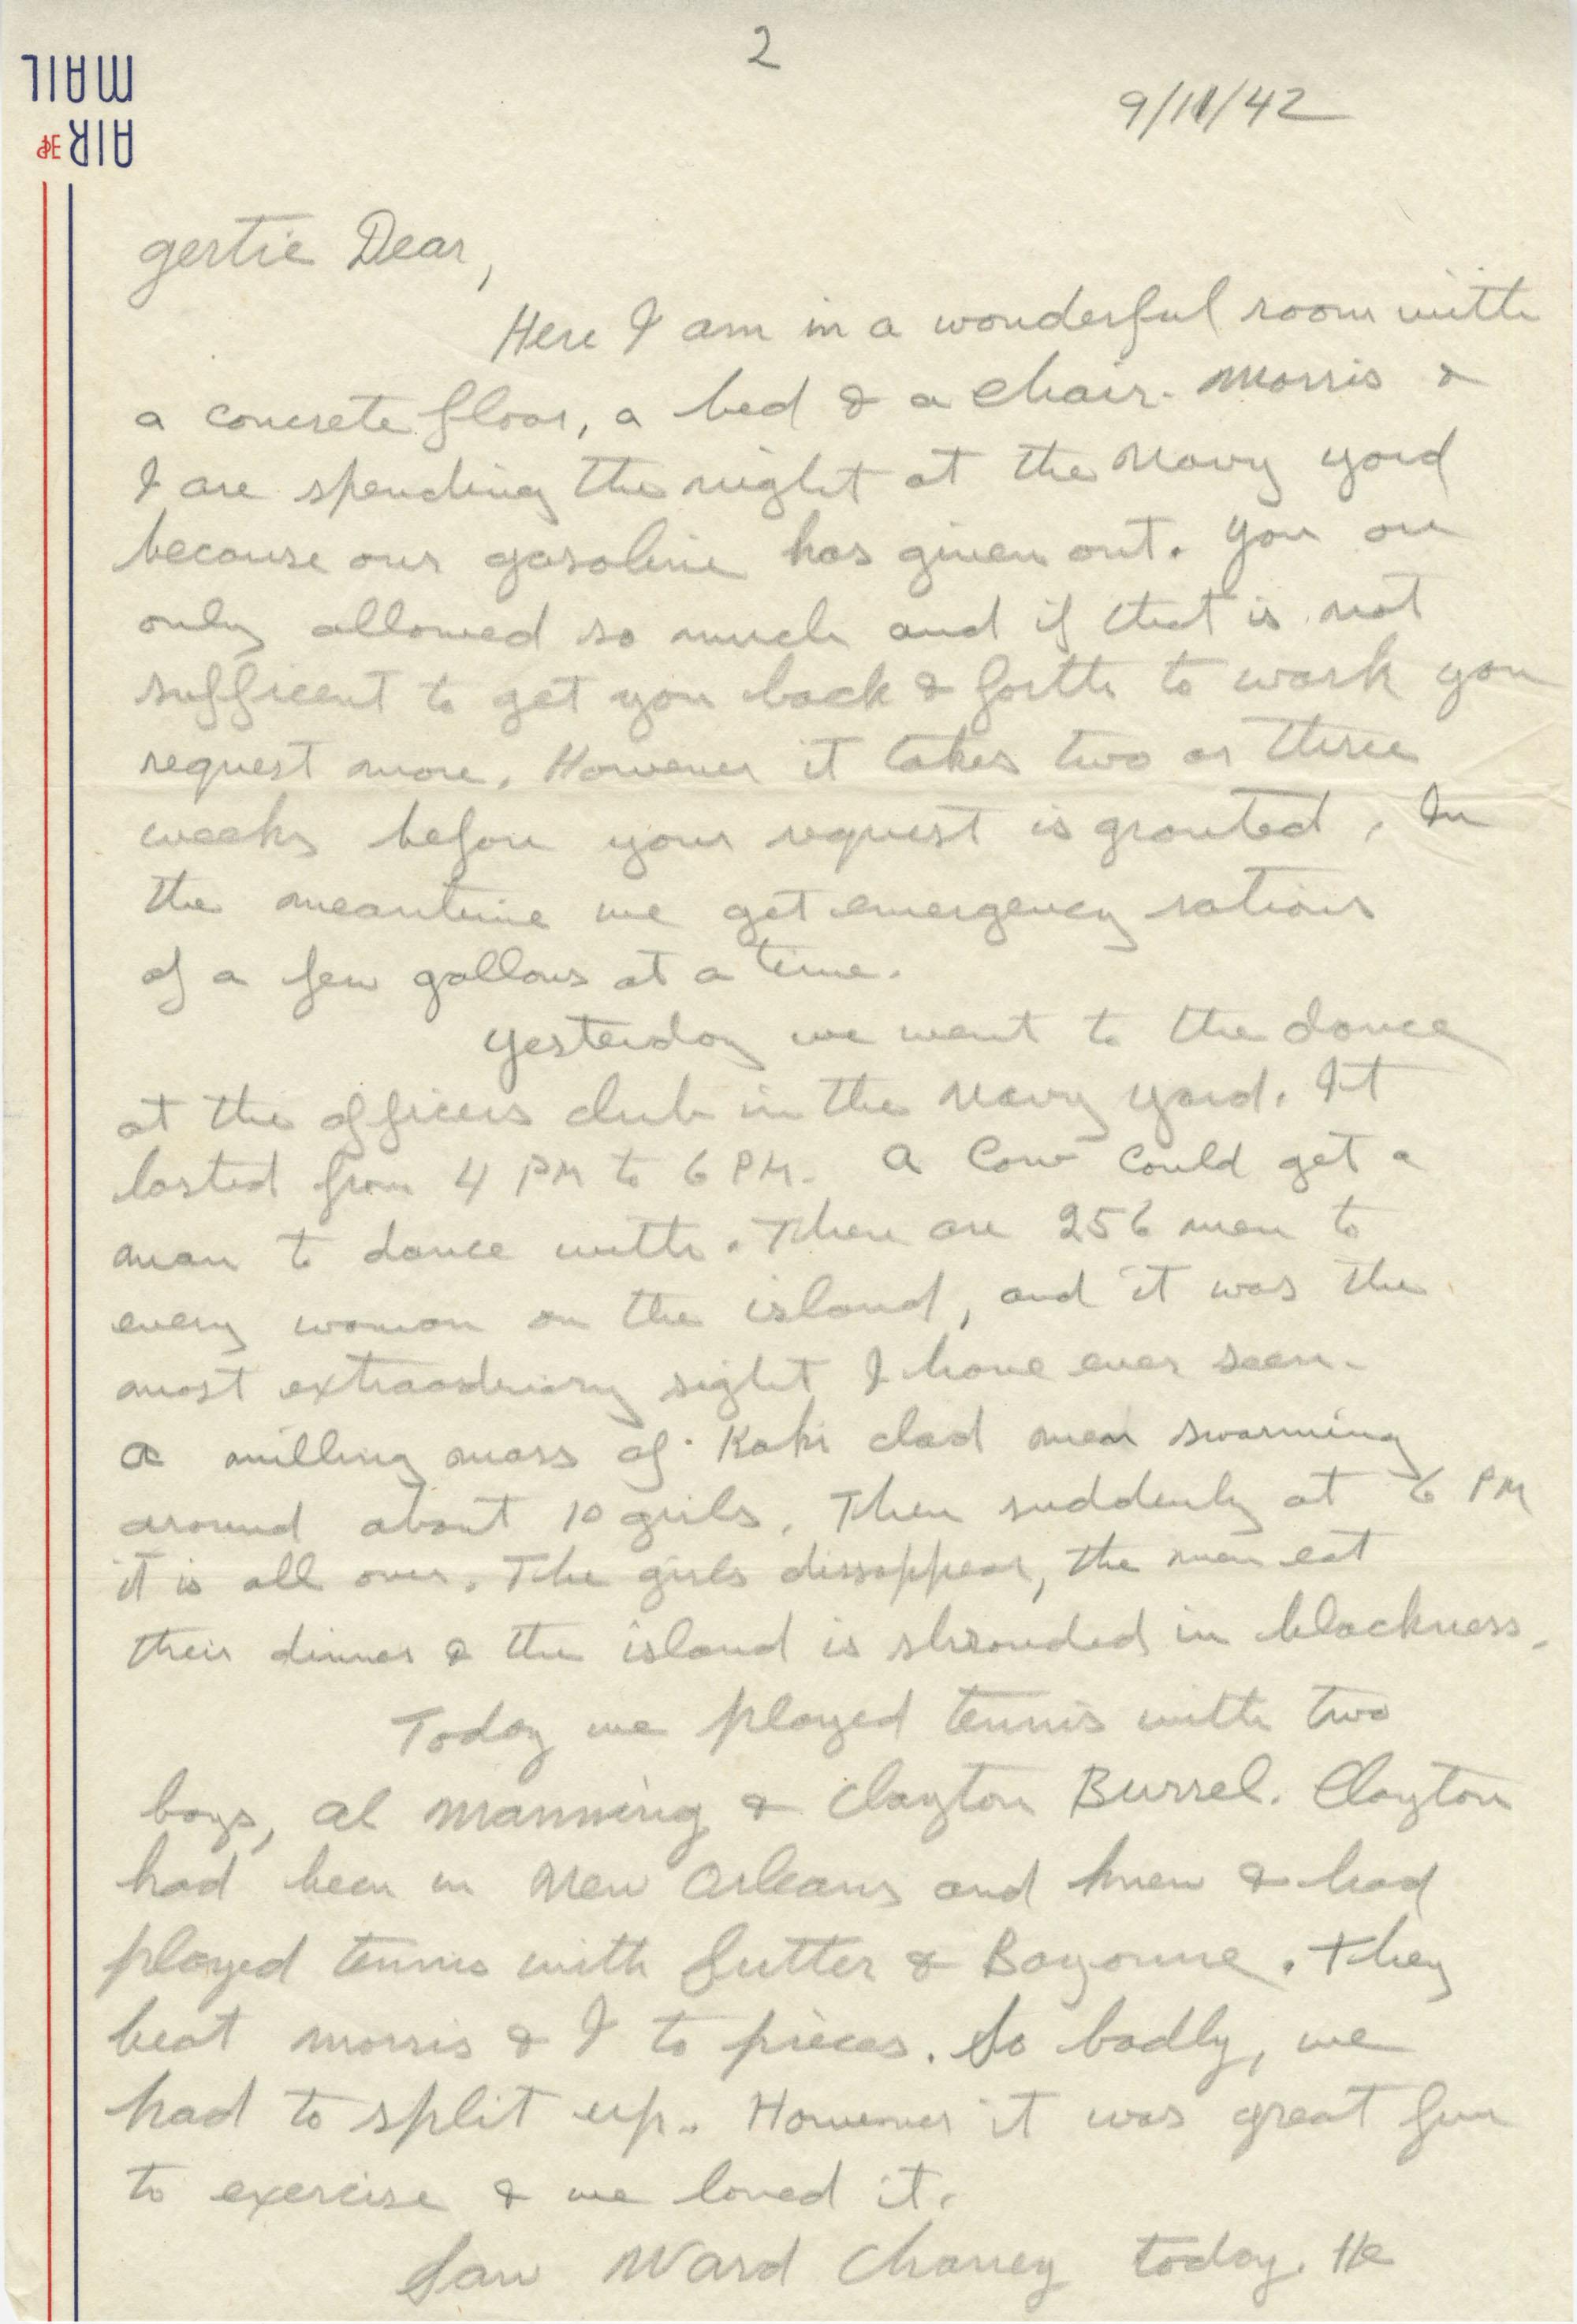 Letter from Sidney Jennings Legendre, September 11, 1942